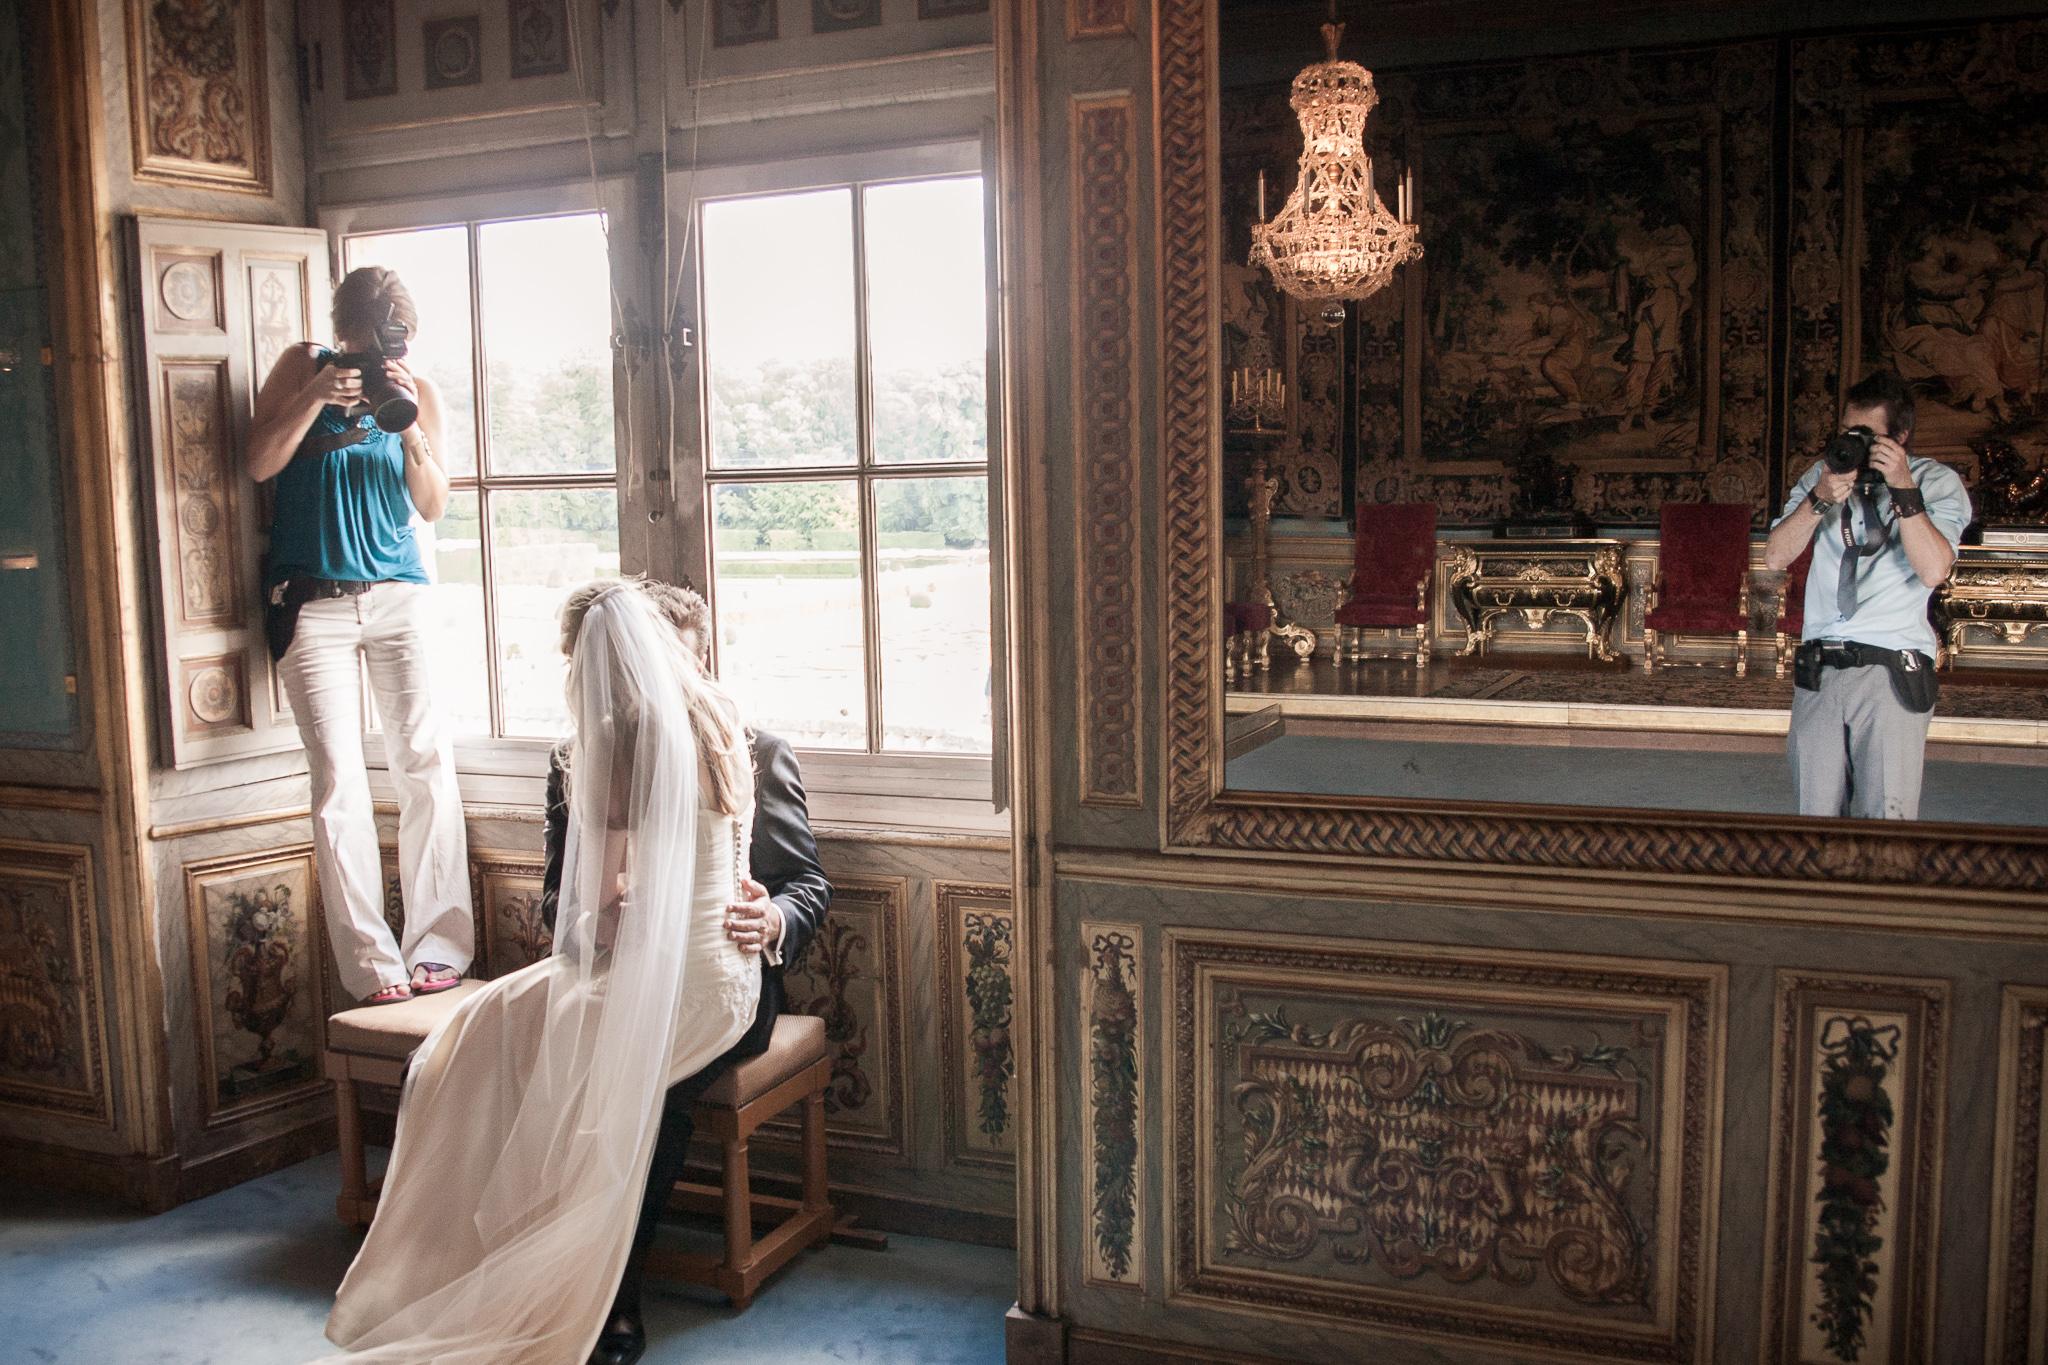 Katie and Kevin on the job in Paris, Château de Vaux-le-Vicomte